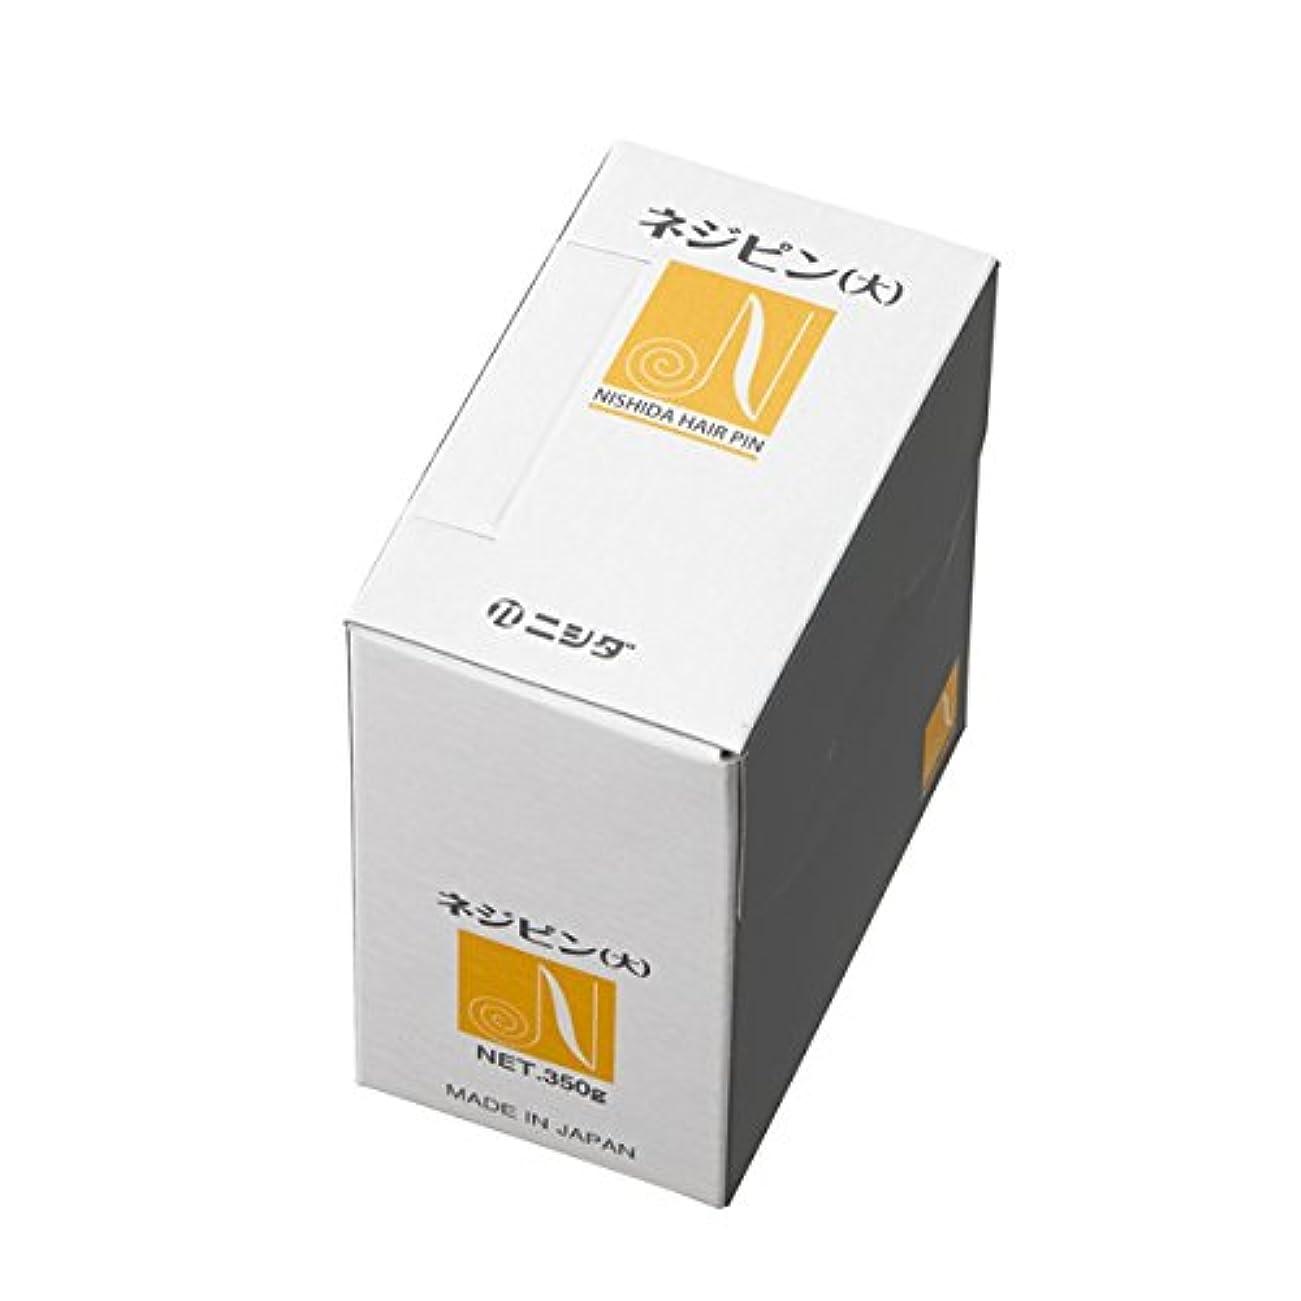 ラバホラー連邦ニシダピン ネジピン 350g 株式会社ニシダ プロフェッショナルユースでスタイリング自由自在